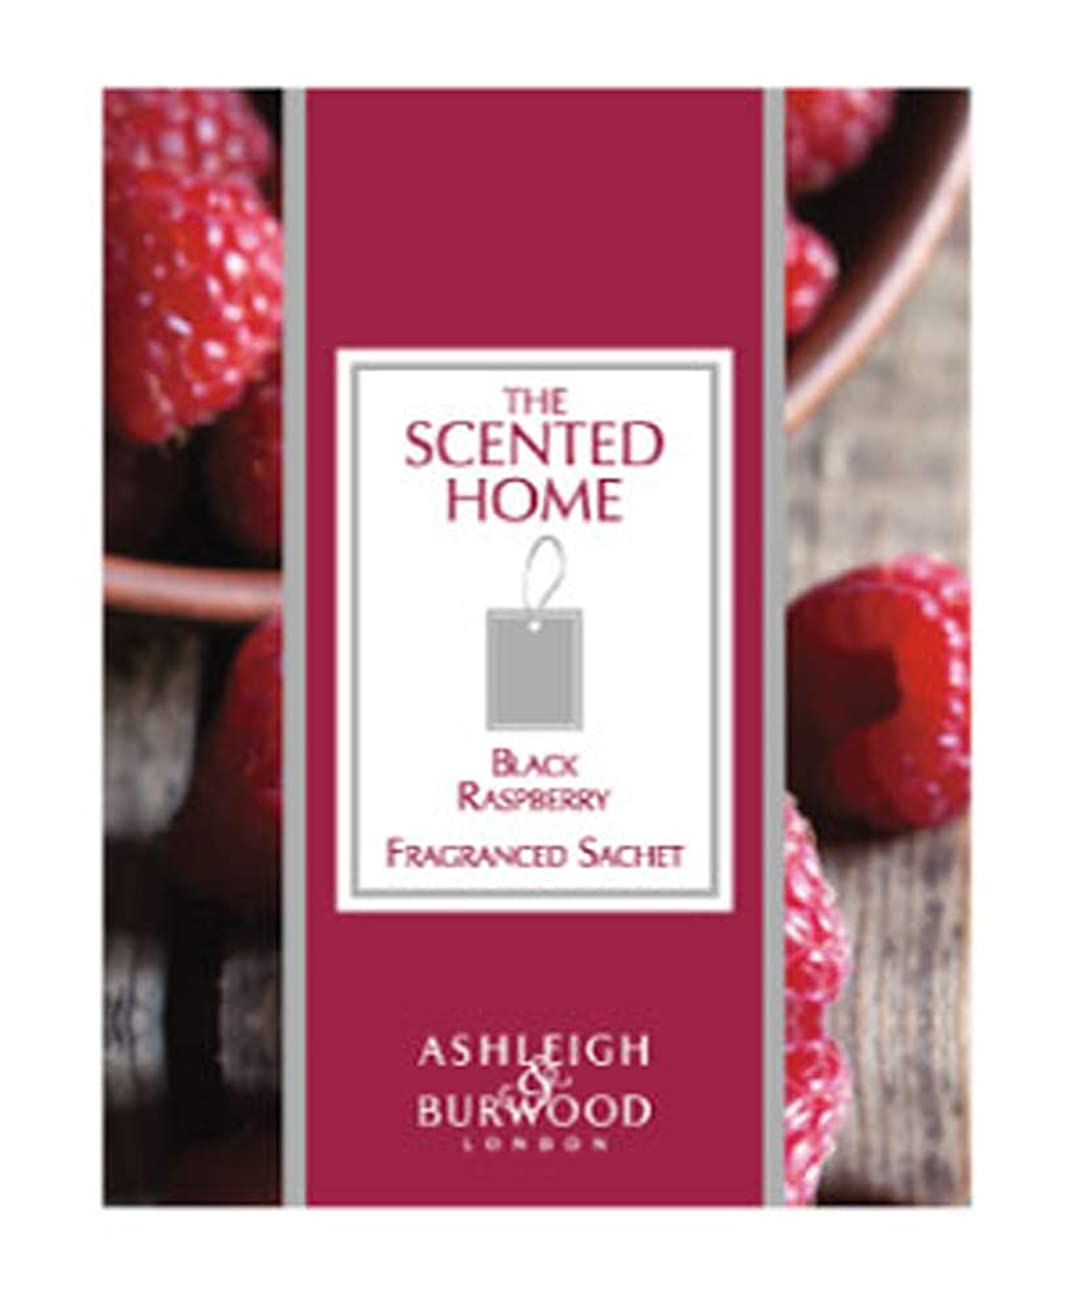 過言ファイアルトレードアシュレイ&バーウッド(Ashleigh&Burwood) Ashleigh&Burwood サシェ ブラックラズベリー Sachet Black BlackRasberry アシュレイ&バーウッド 105㎜×80㎜×5mm/3個